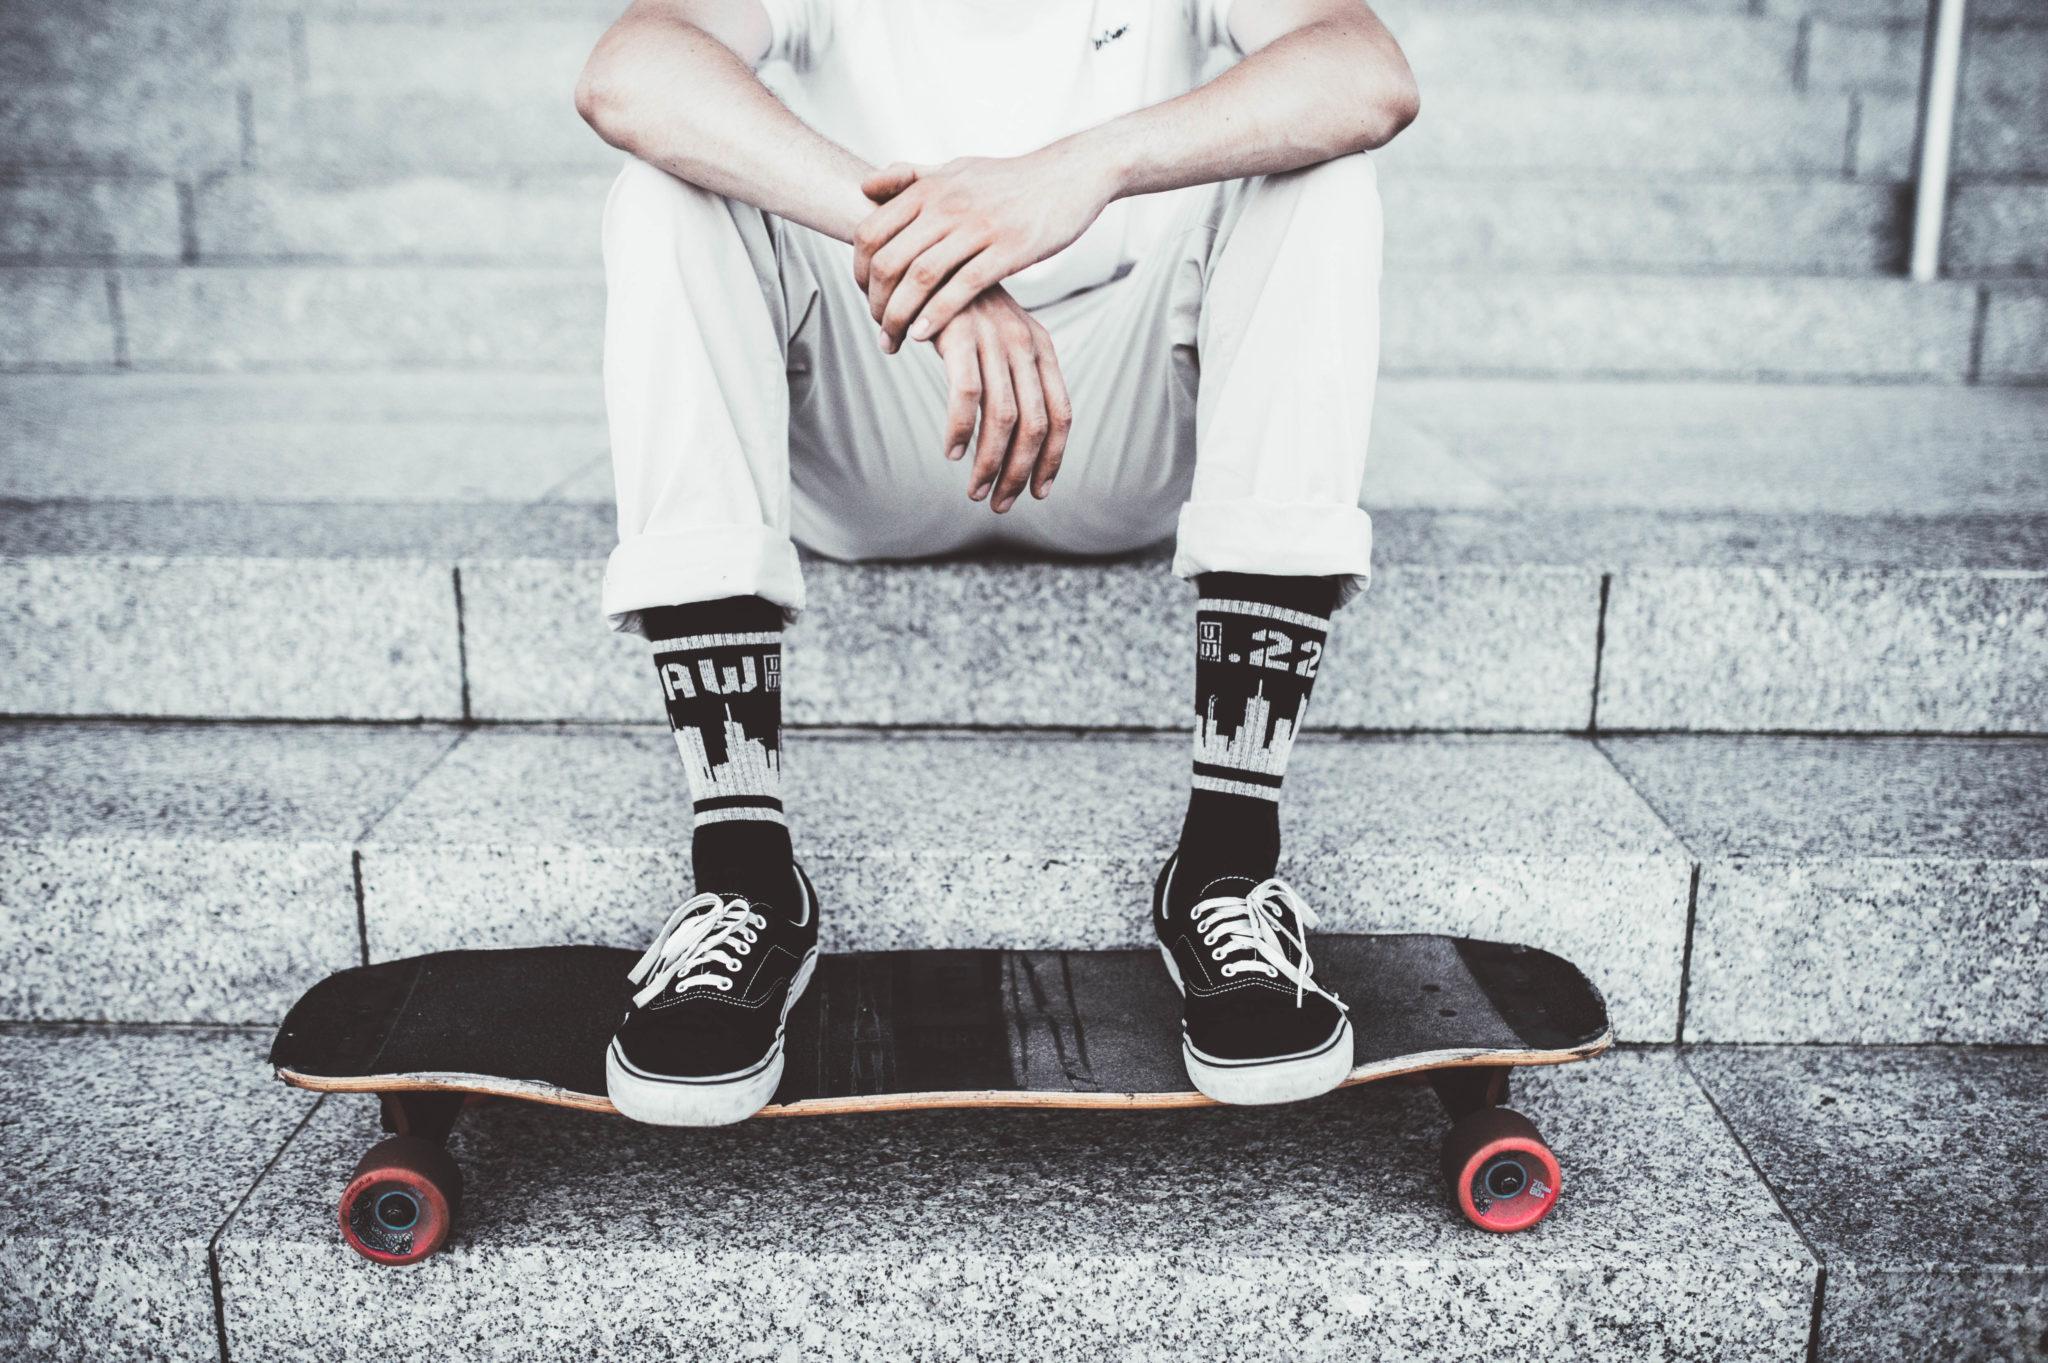 Chłopak opierający nogi na deskorolce w czarnych trampkach i skrapetkach z motywem Warszawy